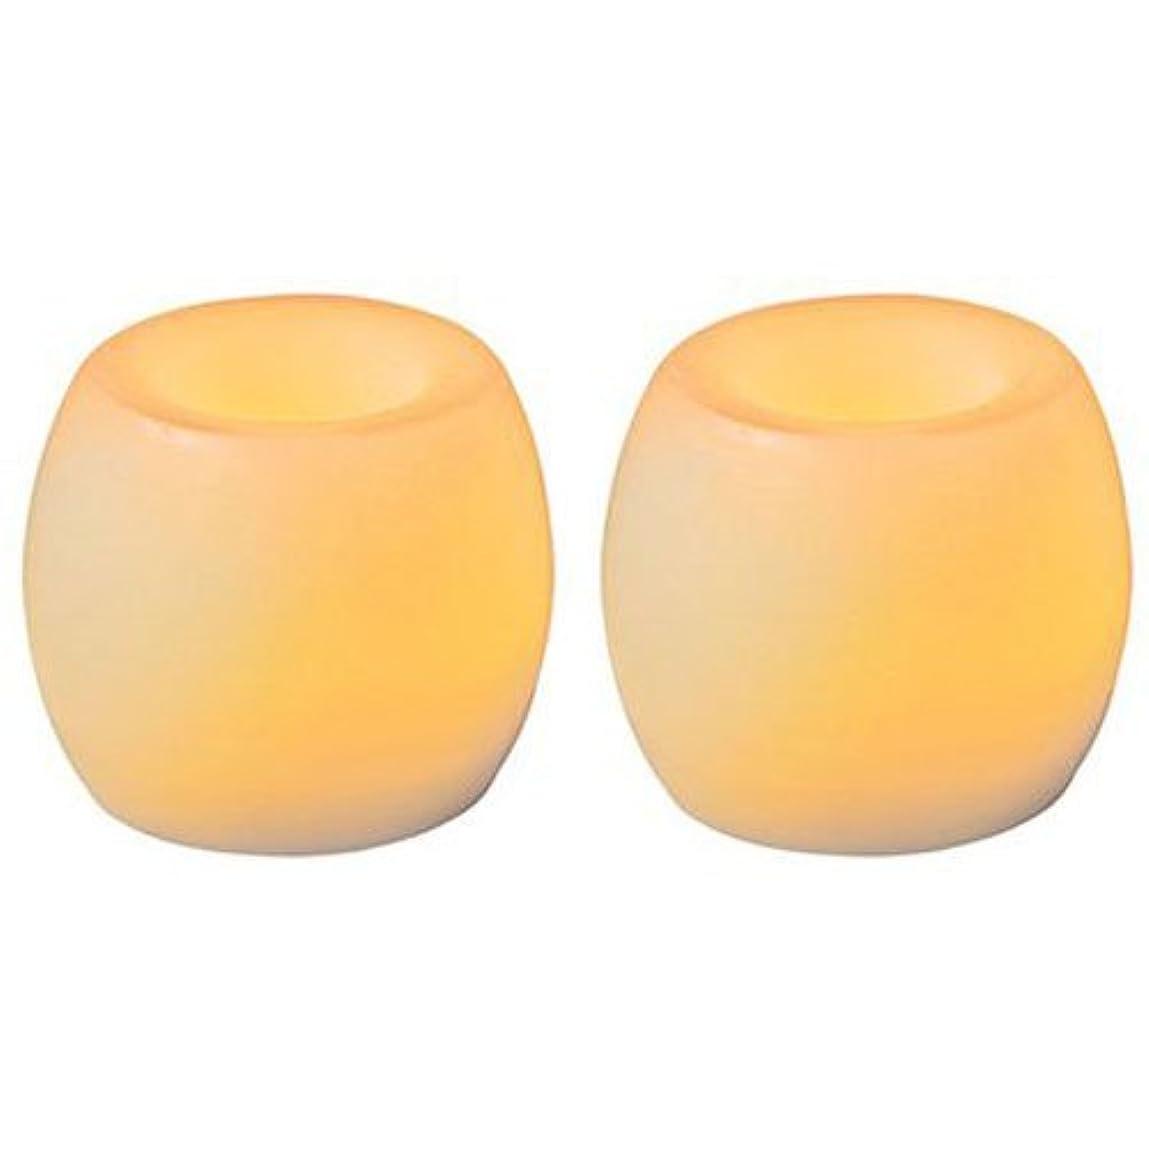 比喩登録する広まったInglow Flameless Mini Curved SquaresバニラScented Candle 2 - Pack 1 ベージュ CG24101CR201